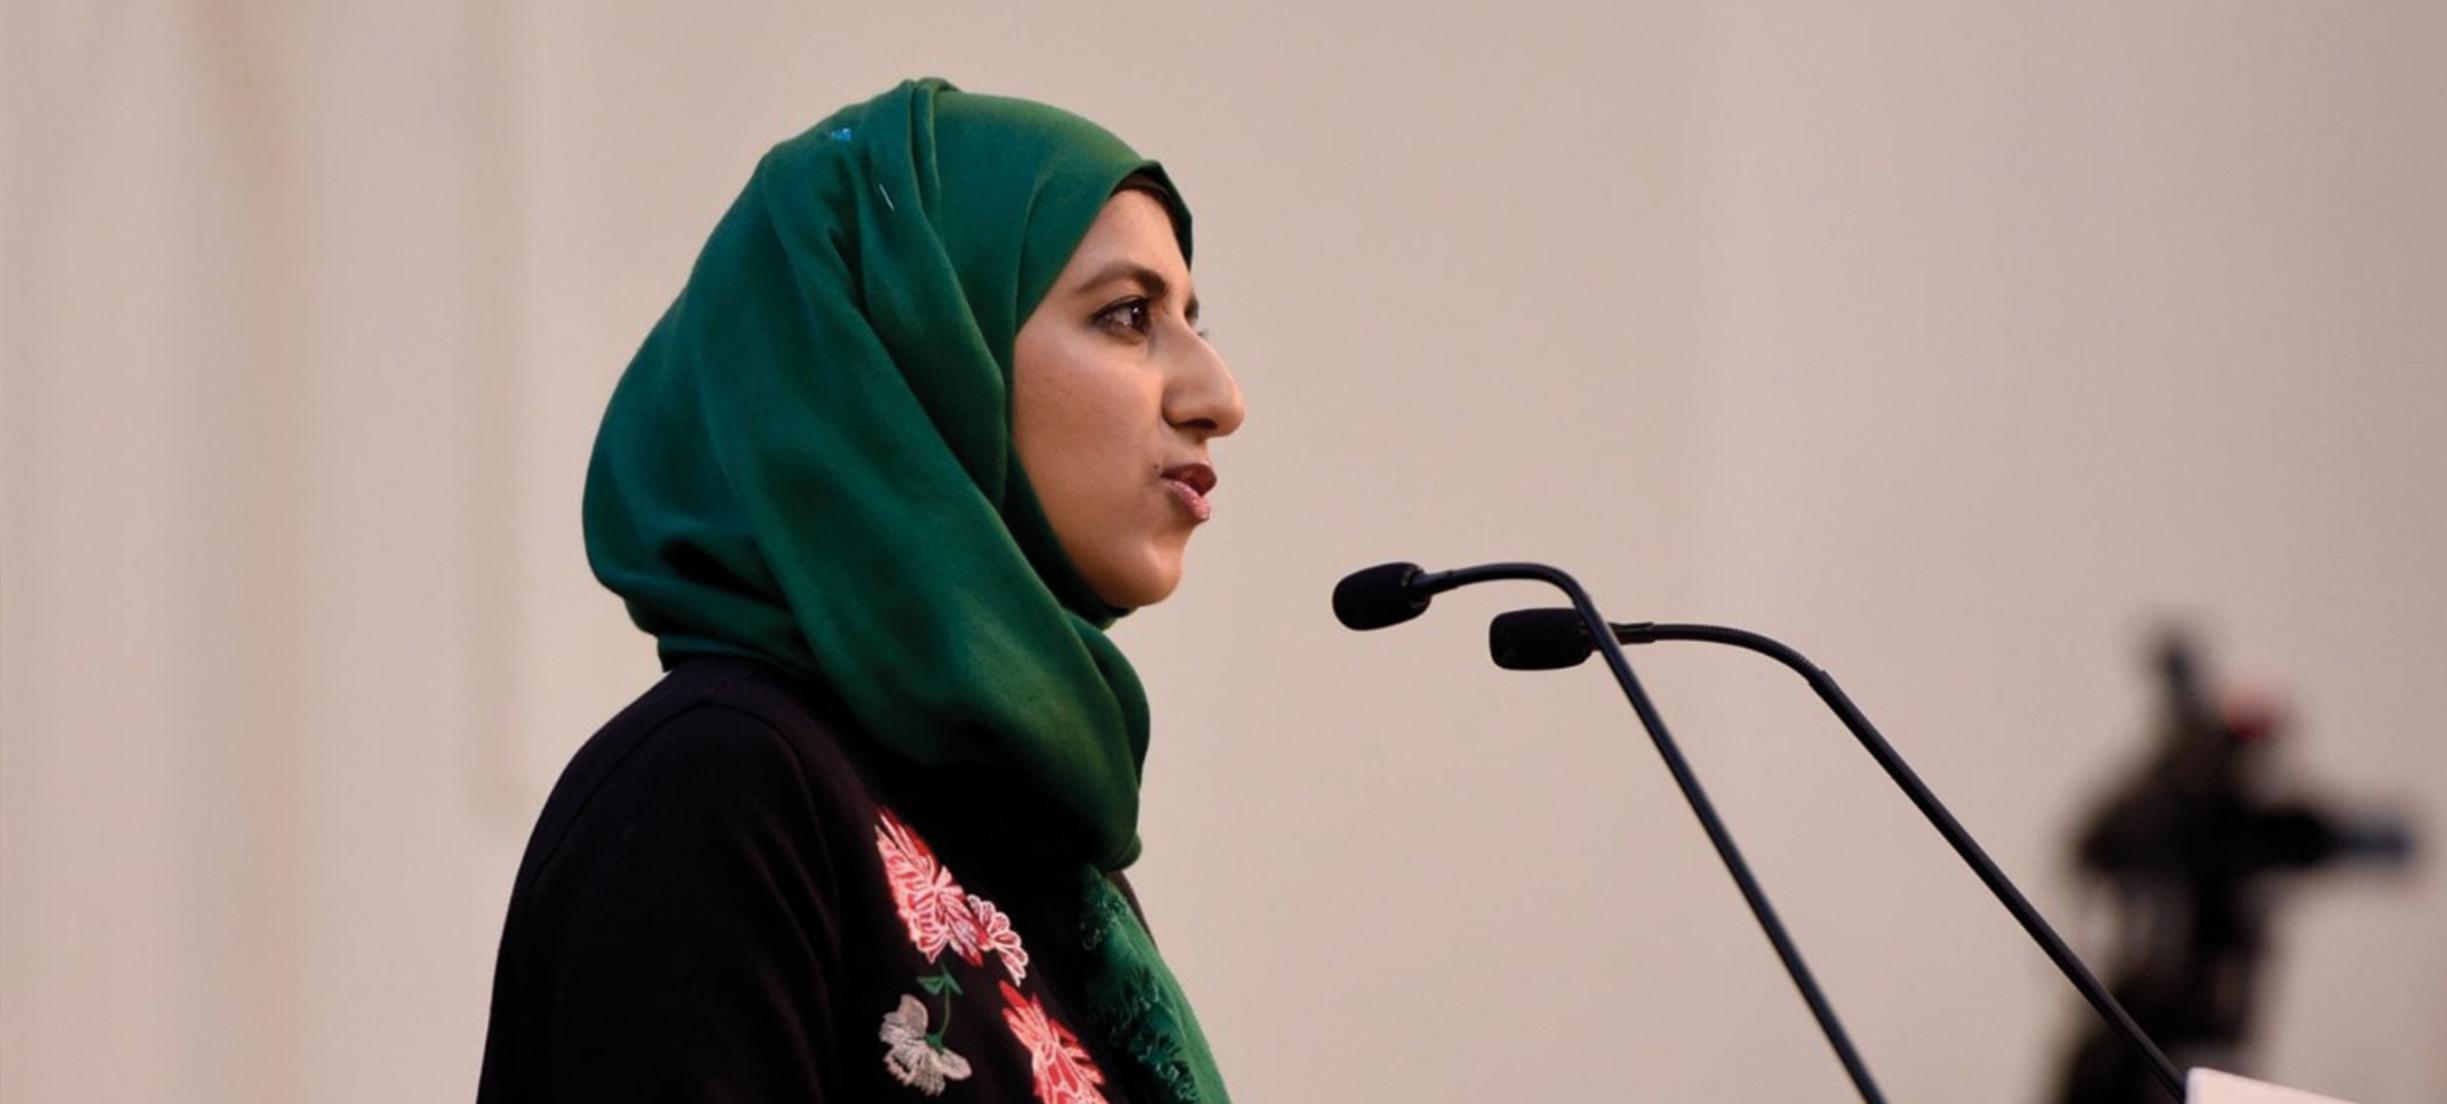 De dag in vooruitgang: Koepelorganisatie moskeeën krijgt vrouwelijk hoofd, en meer